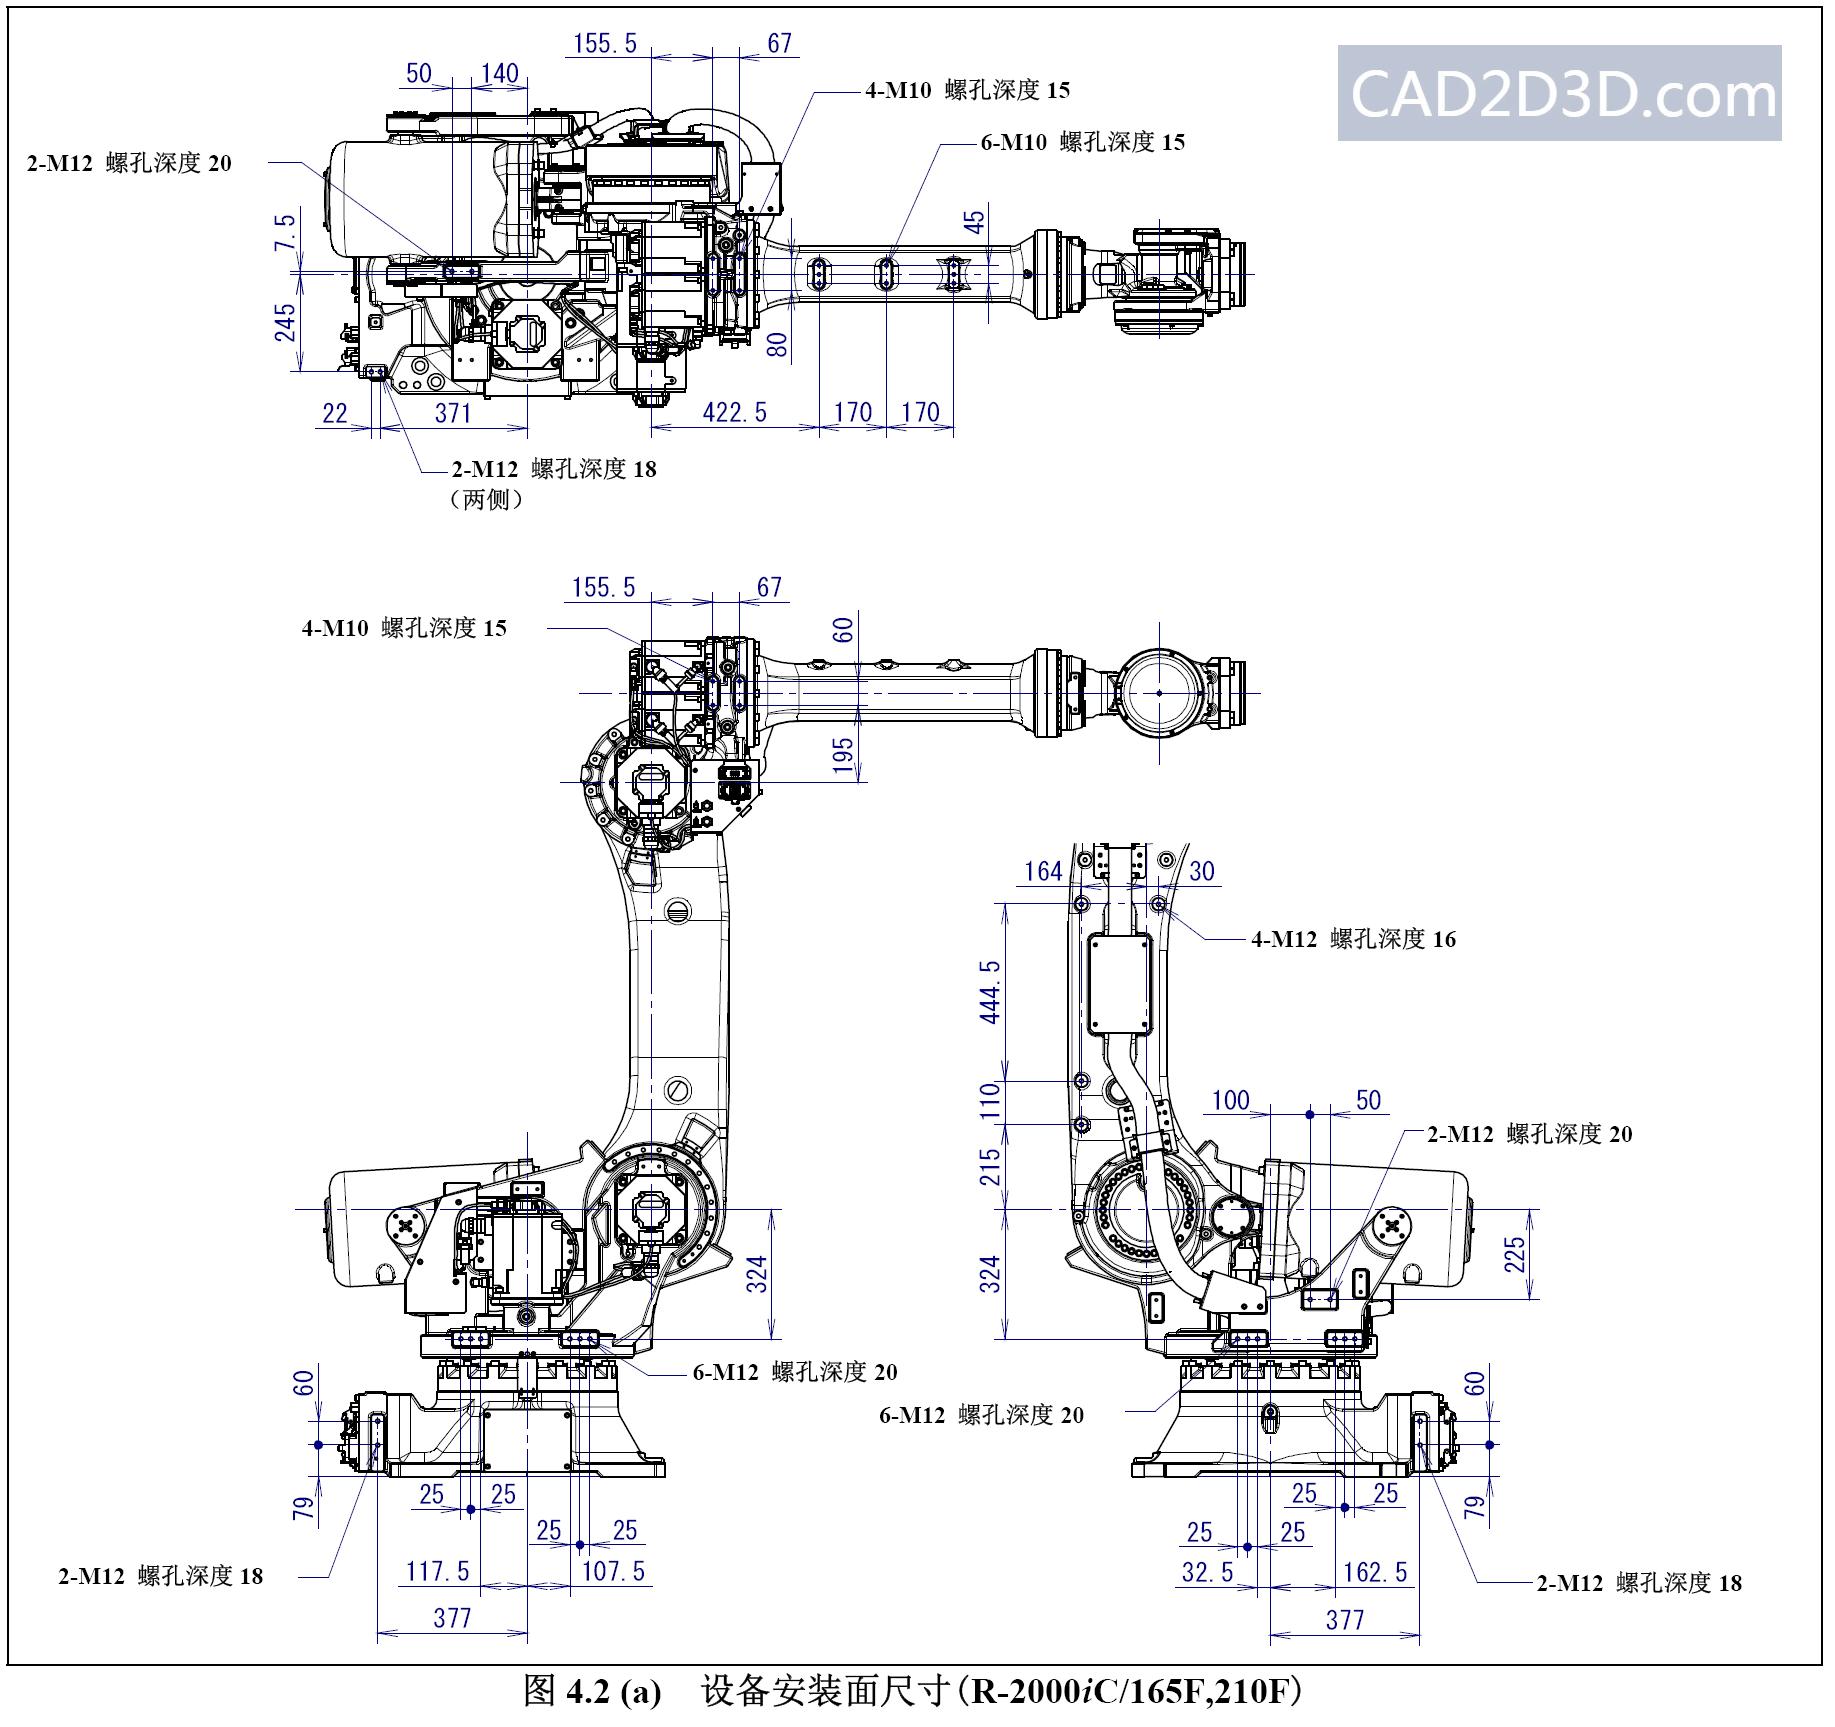 发那科FANUC R-2000iC系列机器人末端执行器(手爪)及设备安装要求及方法